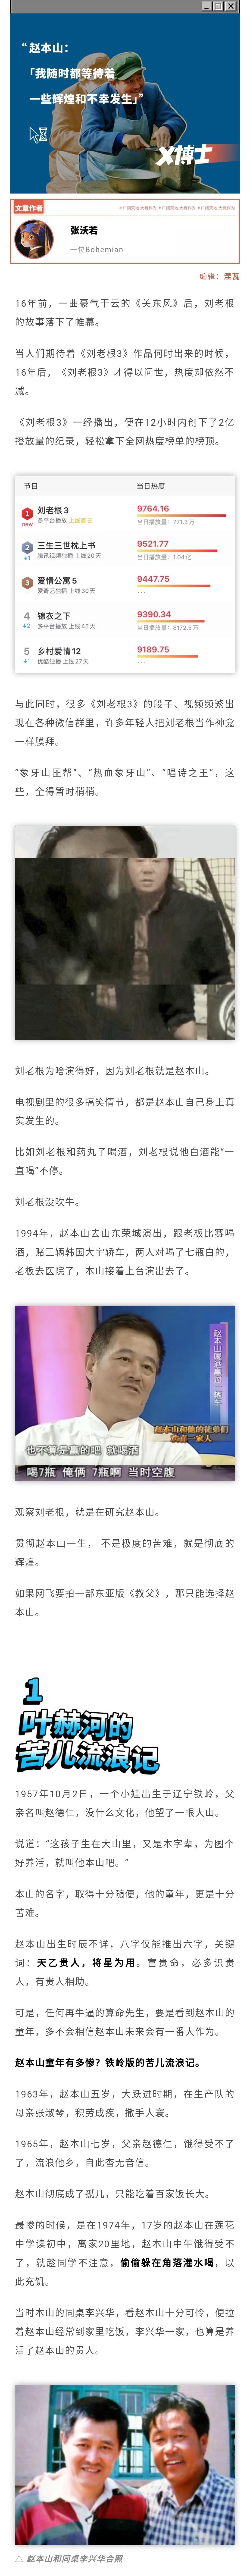 """赵本山——从东北""""萨满""""到东北教父 liuliushe.net六六社 第1张"""